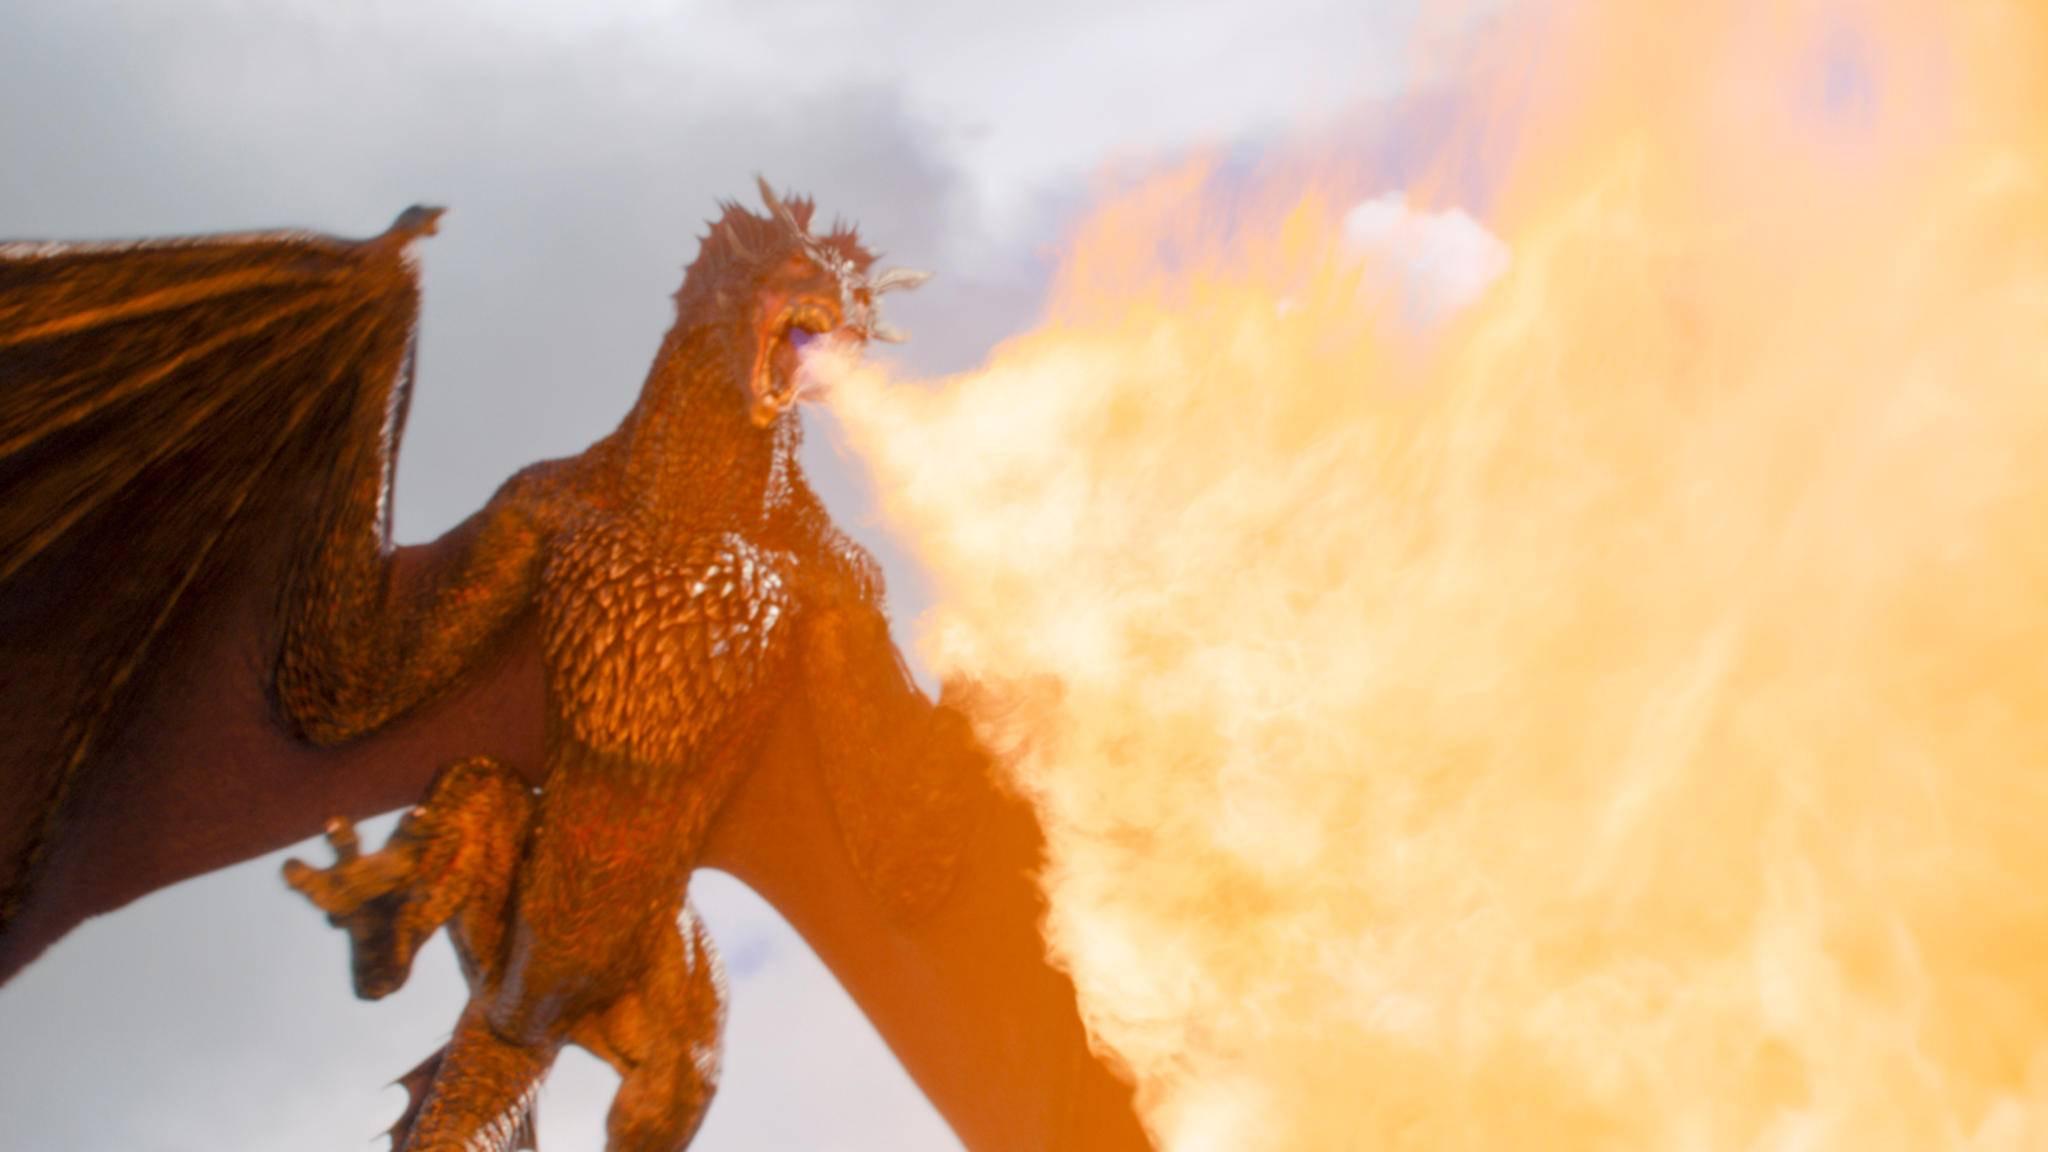 """Höher, größer, weiter: Nicht nur die Drachen in """"Game of Thrones"""" wachsen stetig. Die Serie wächst mit!"""